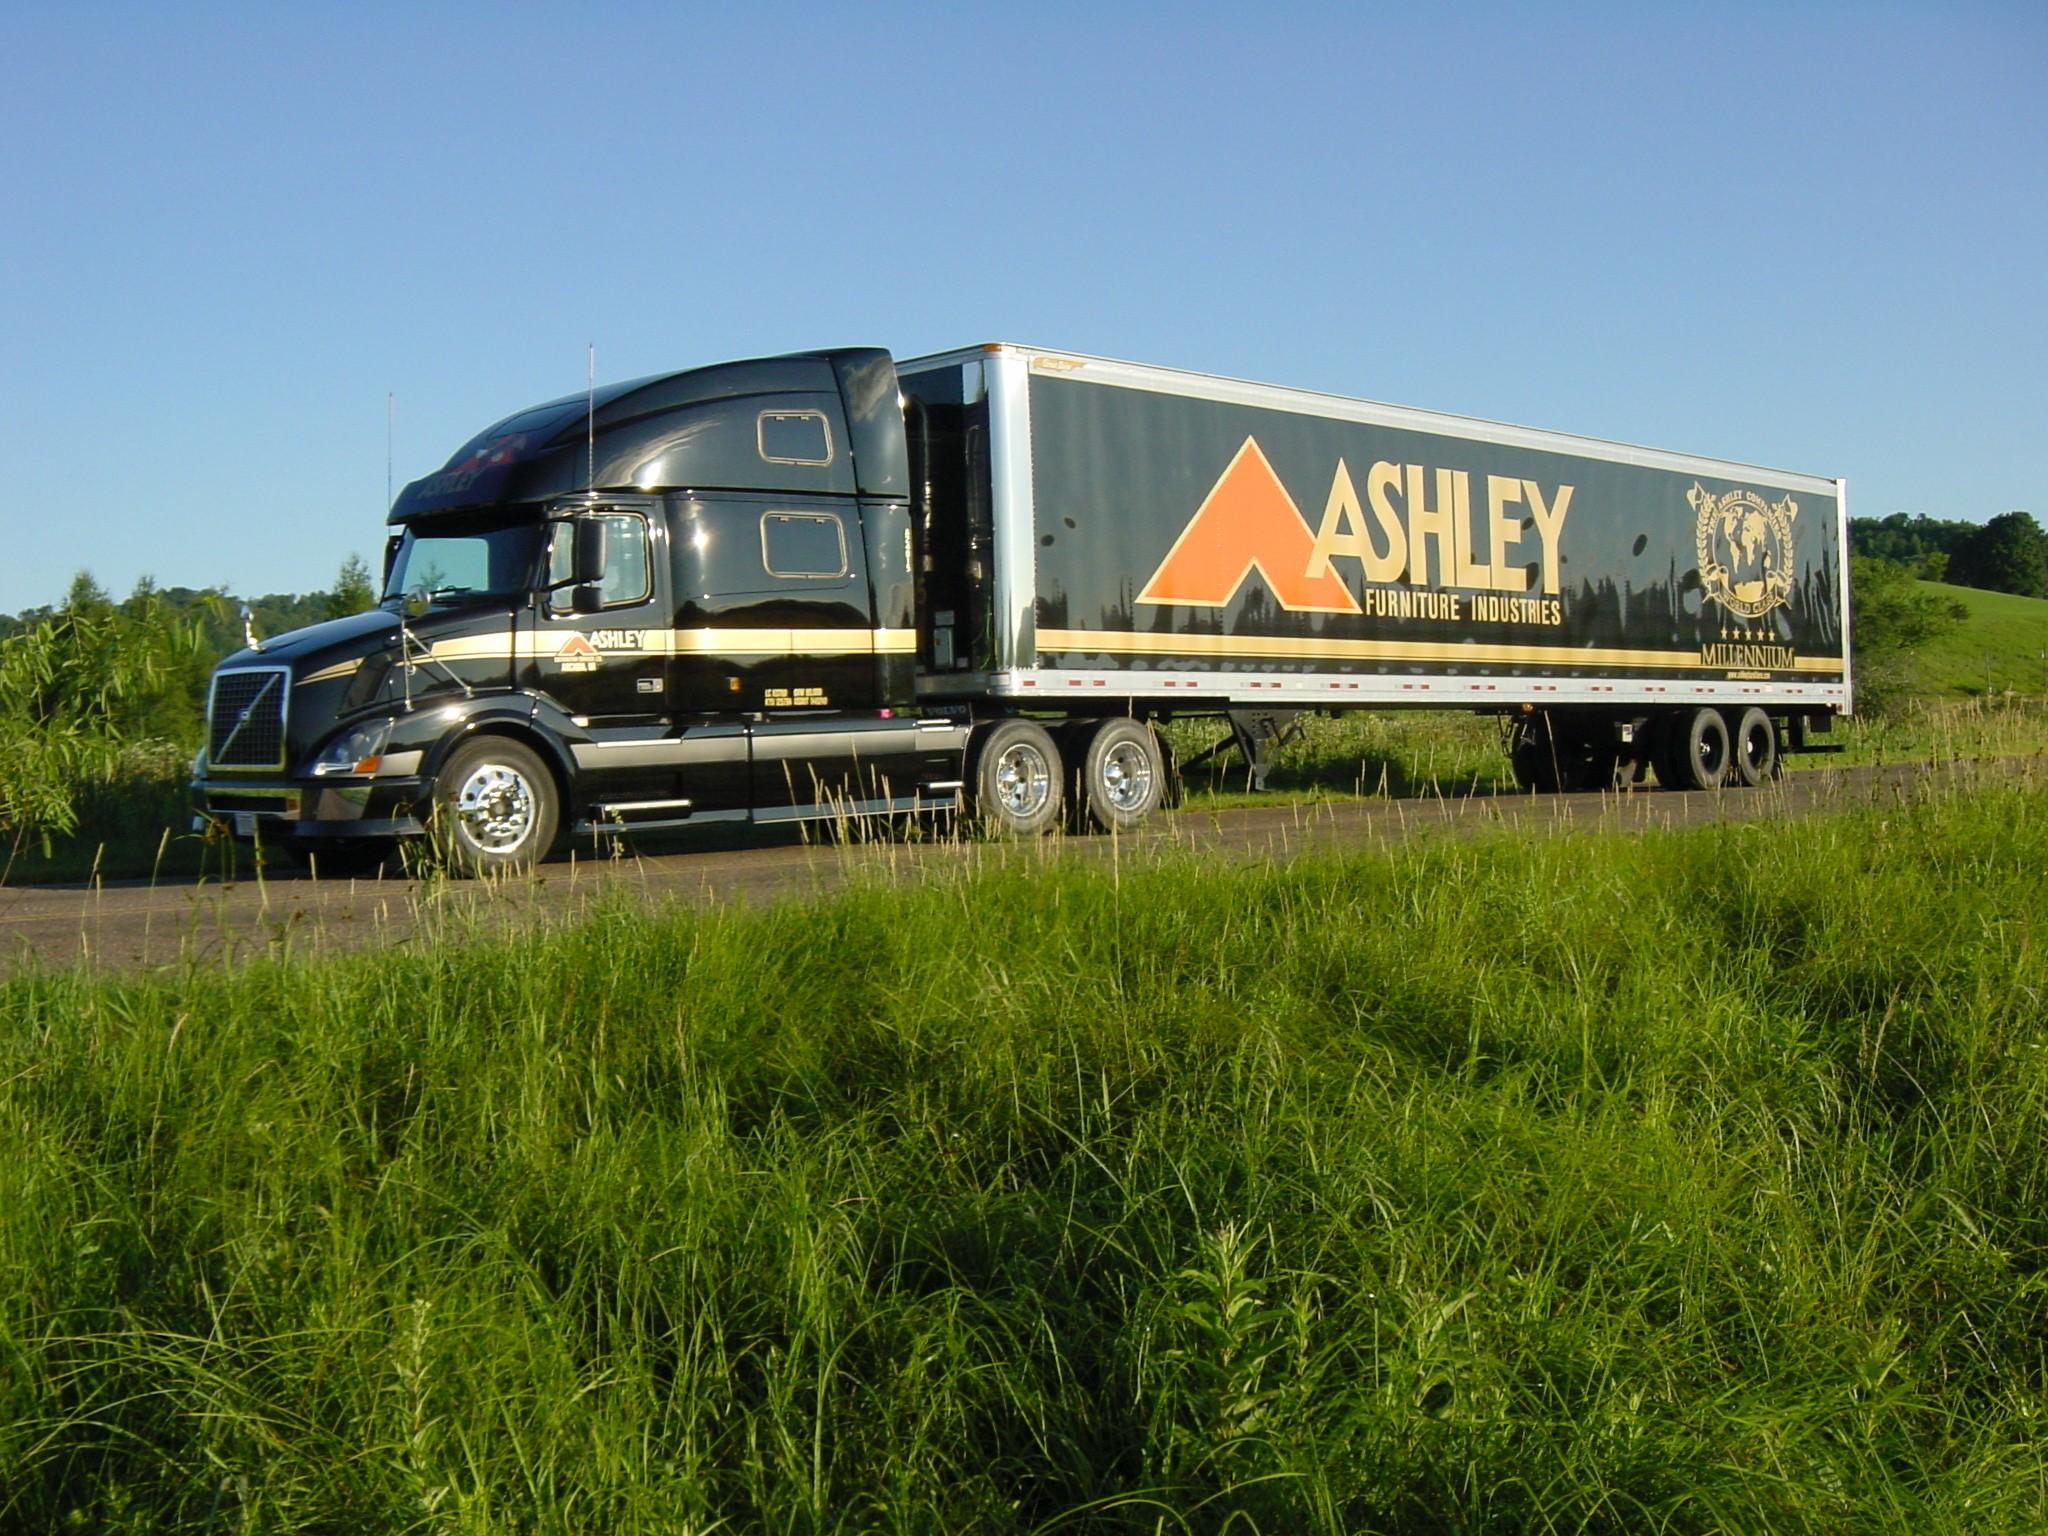 Ashley Distribution Services | LinkedIn